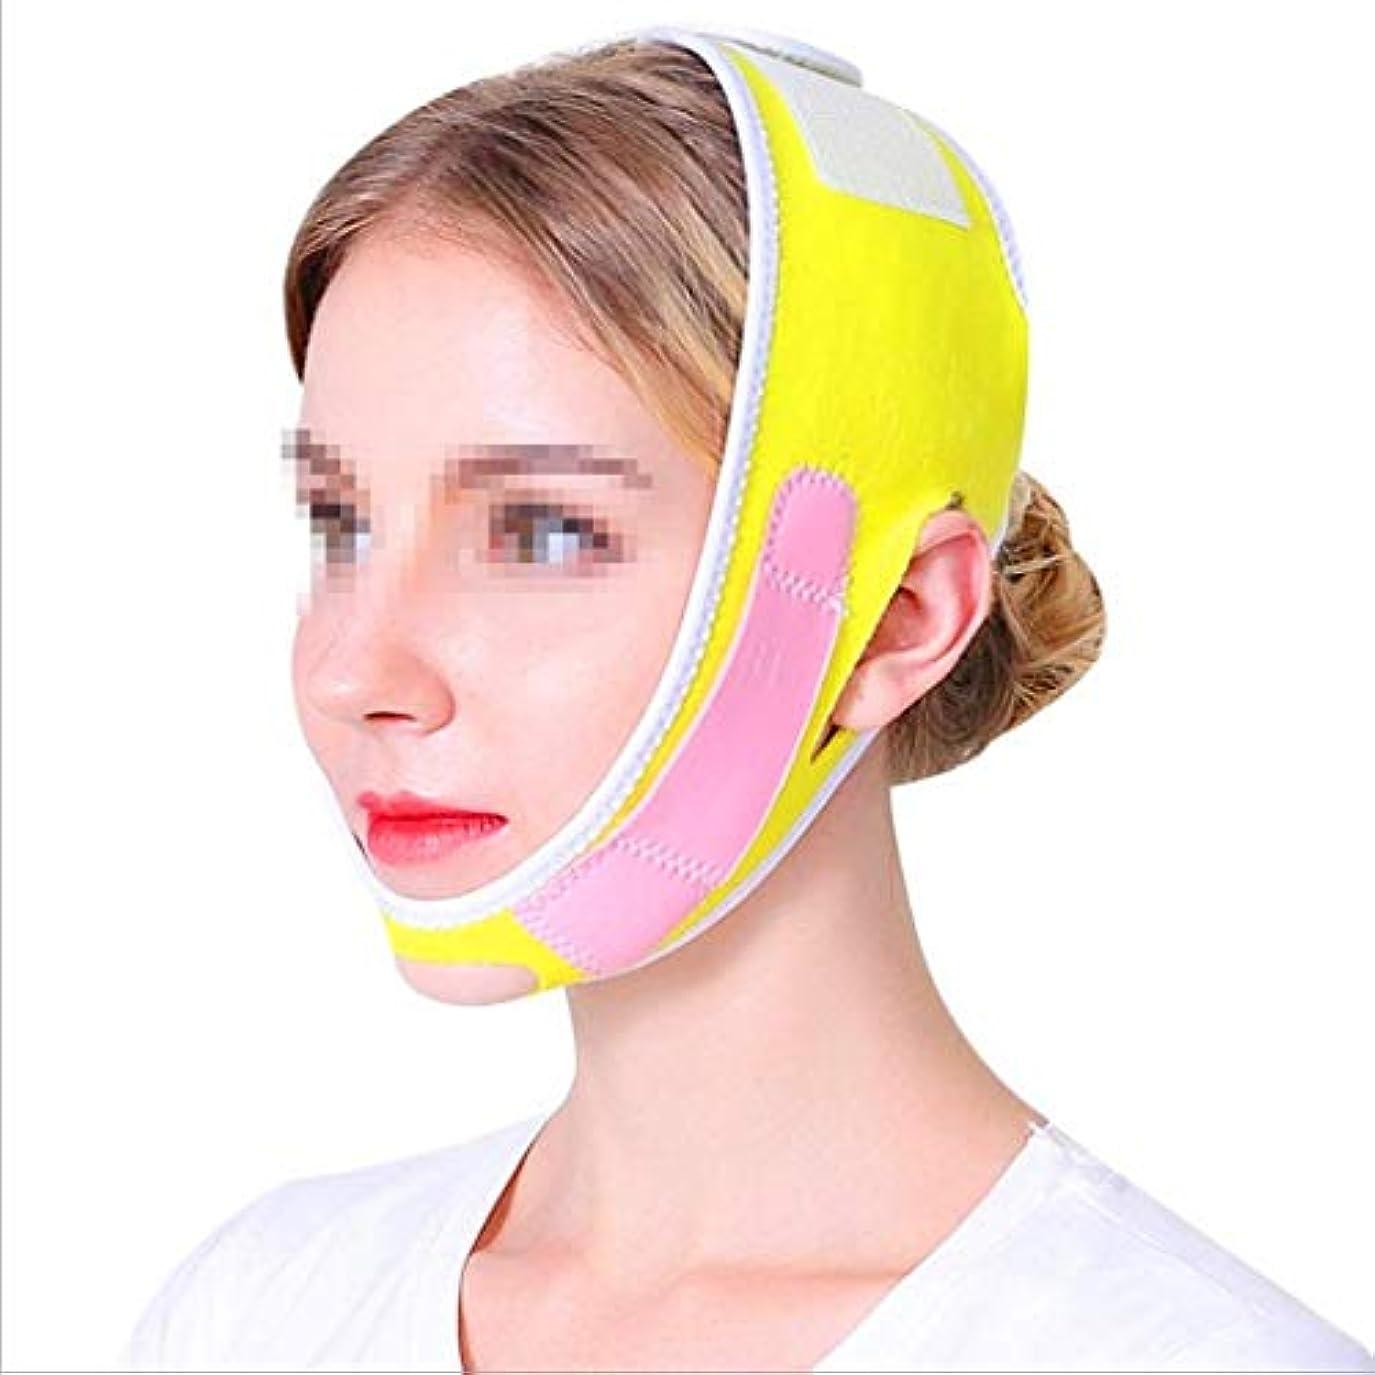 サイクルに対して先フェイスリフトマスク、Vフェイスフェイシャルリフティング、およびローラインにしっかりと締め付けます二重あごの美容整形包帯マルチカラーオプション(カラー:イエロー),黄